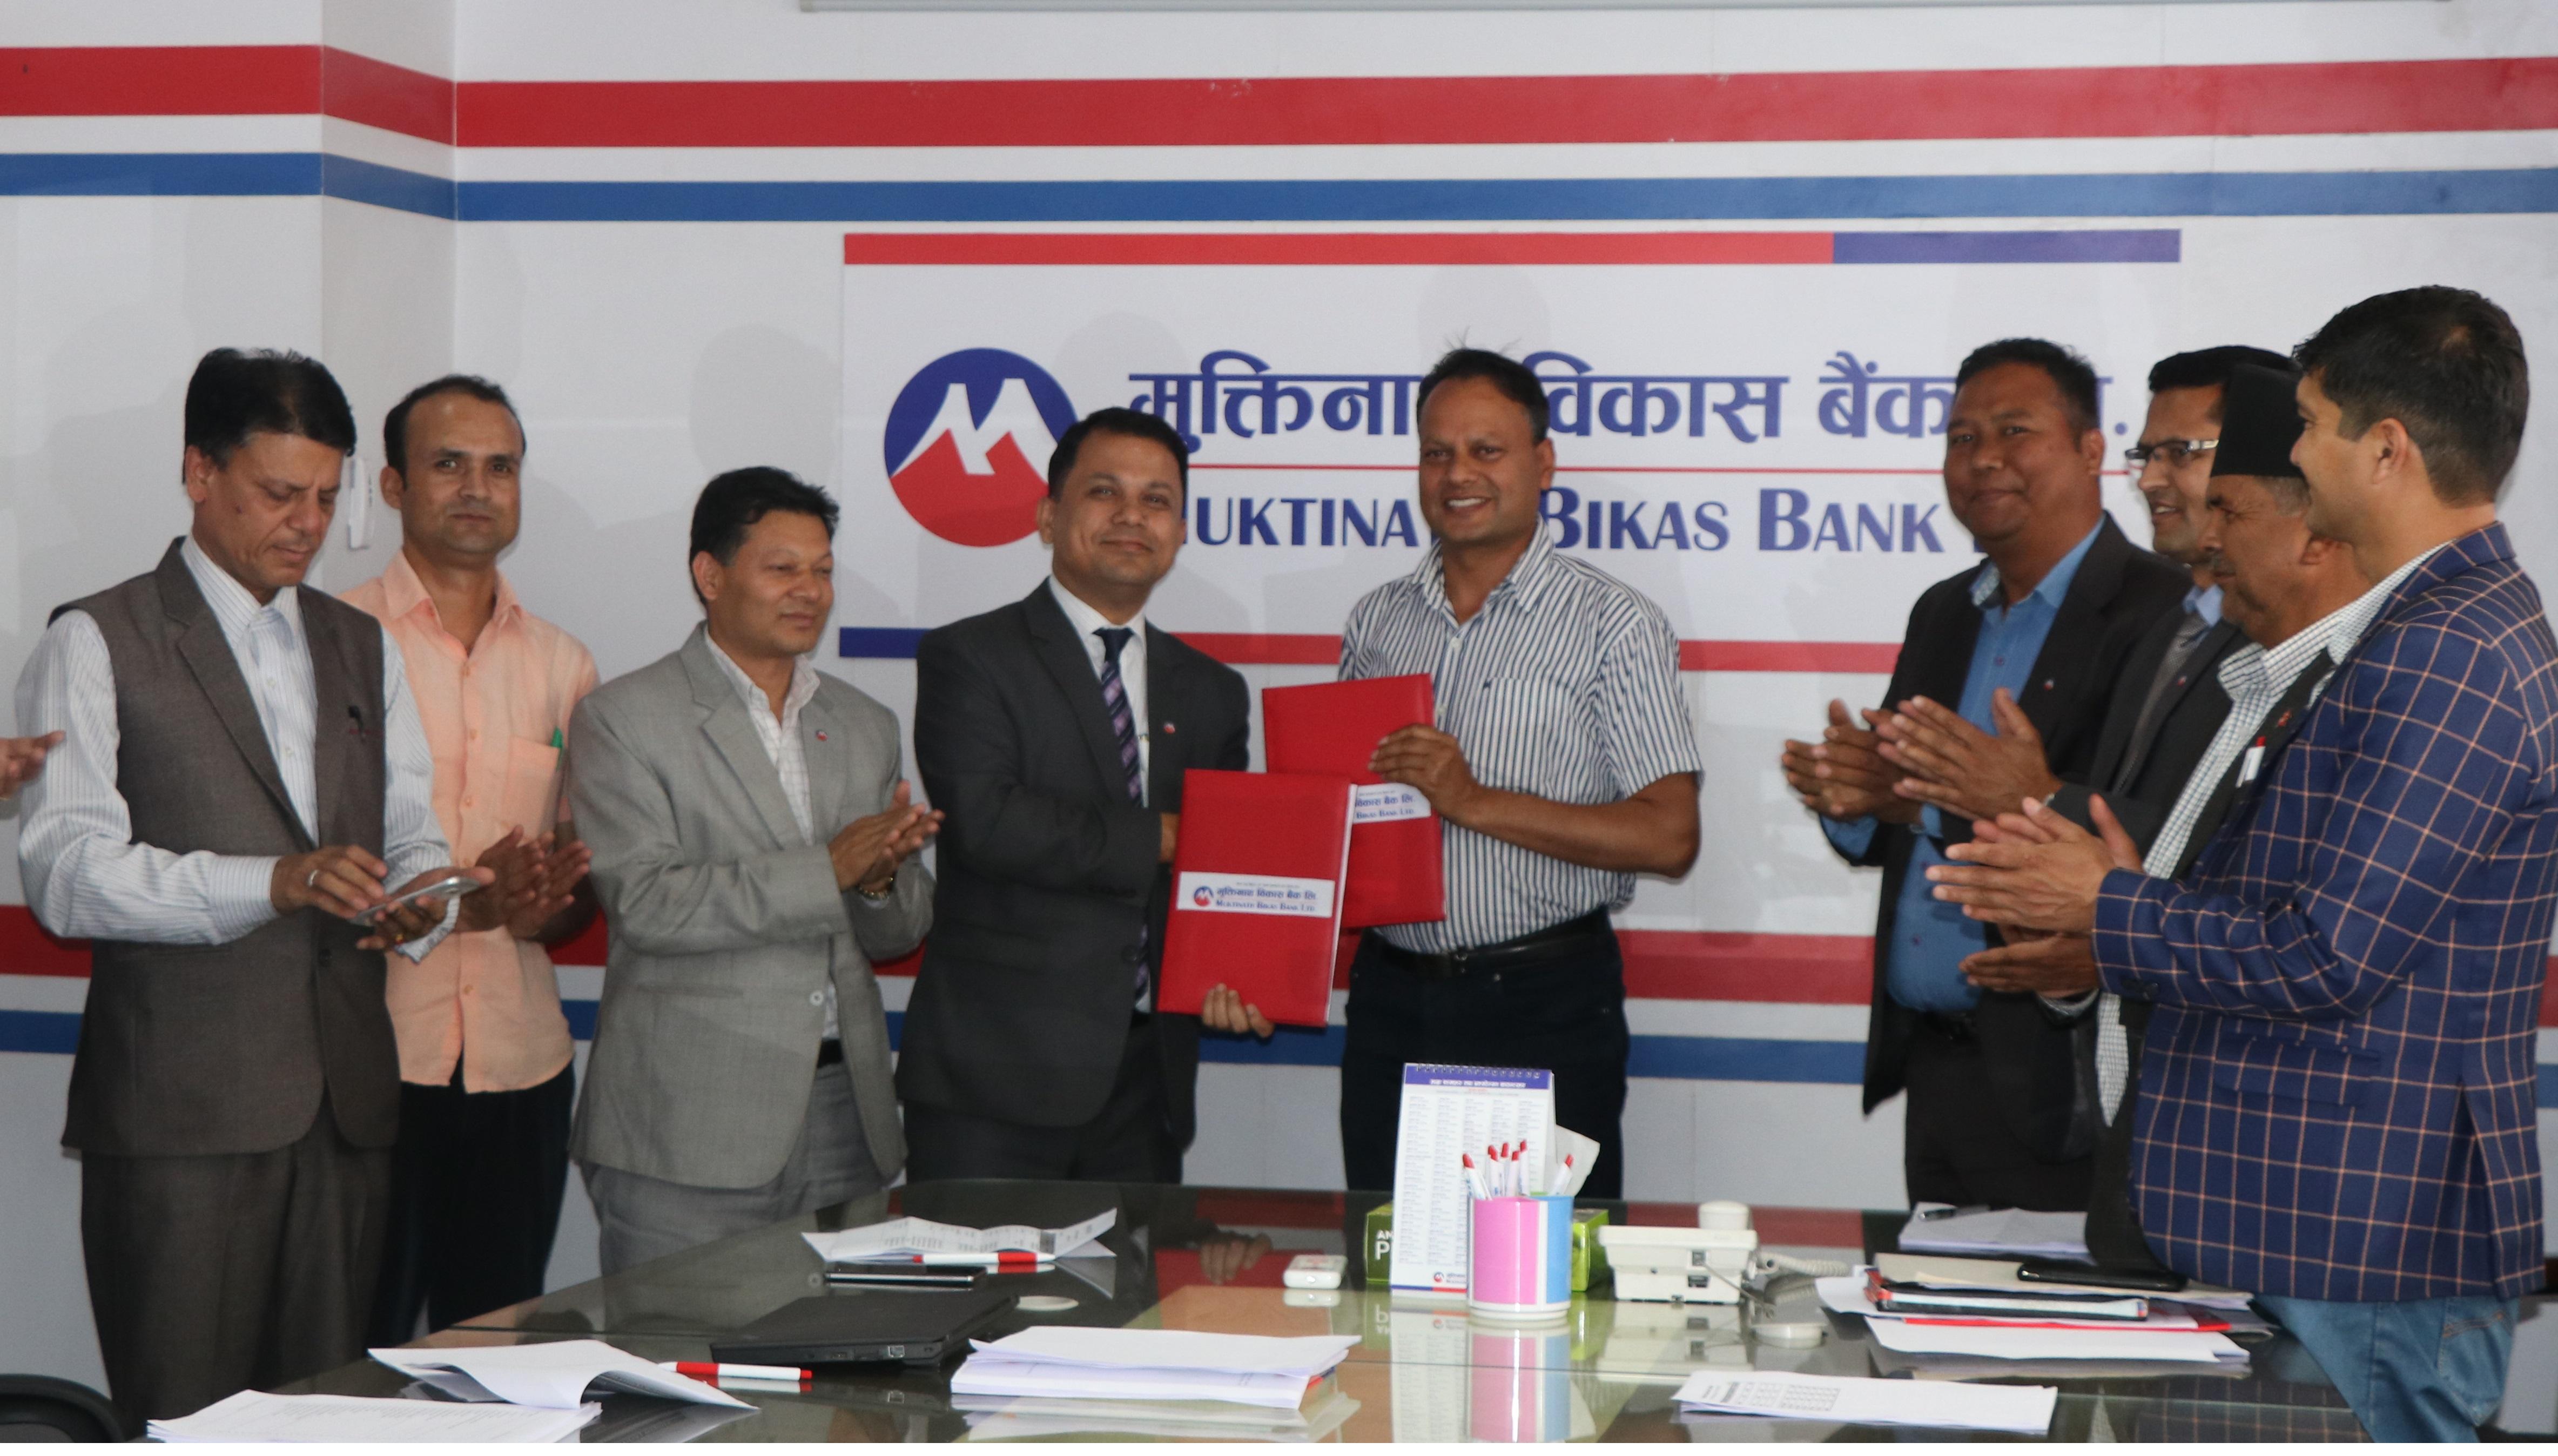 मुक्तिनाथ विकास बैंक र मुक्तिनाथ कृषि कम्पनीबीच सहकार्य